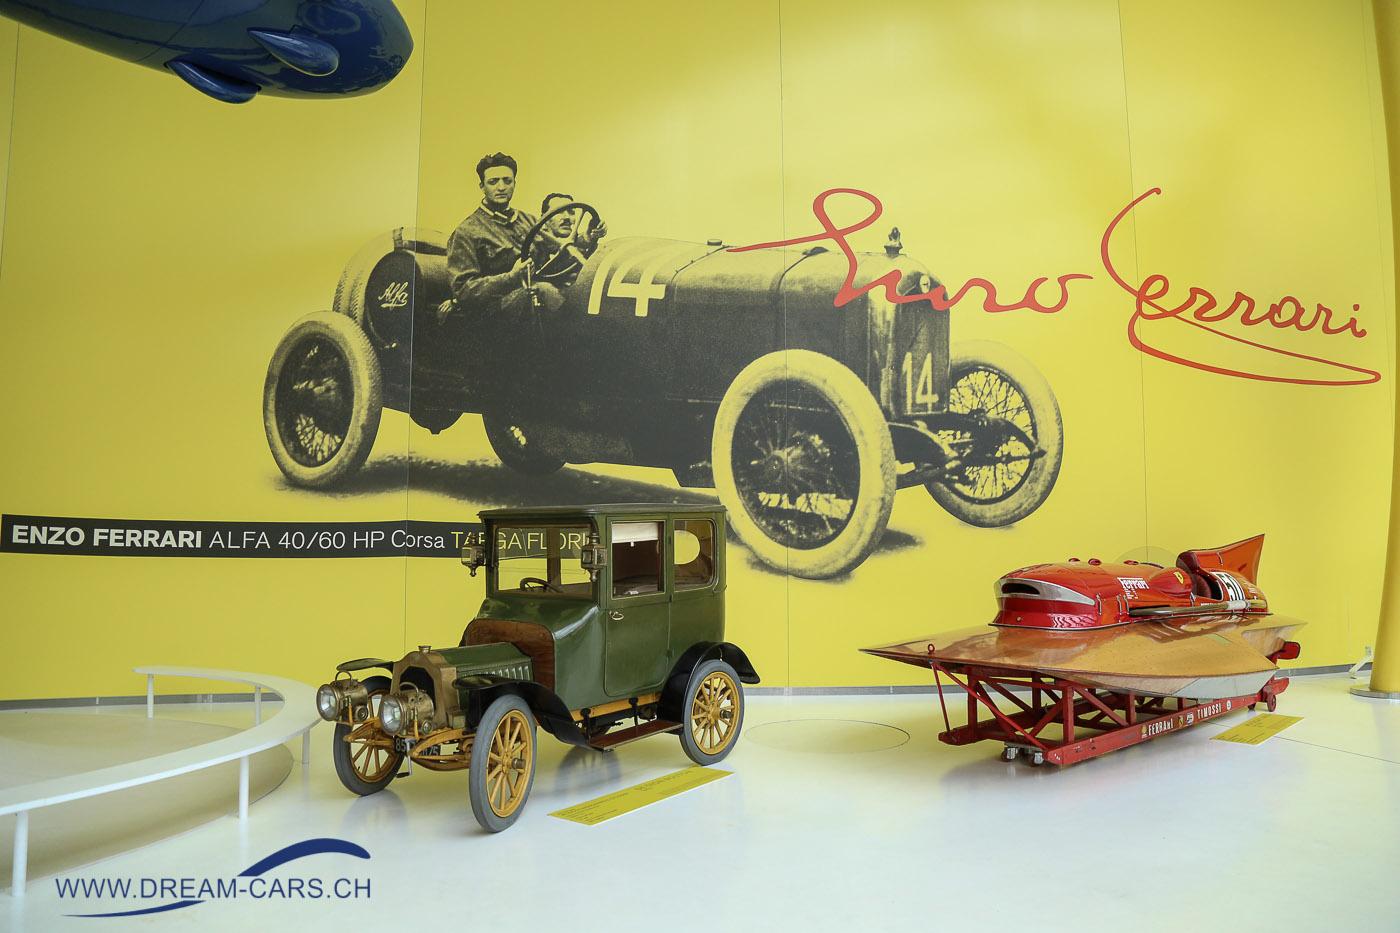 MEF - Museo Enzo Ferrari in Modena, Besuch am 20. Mai 2017